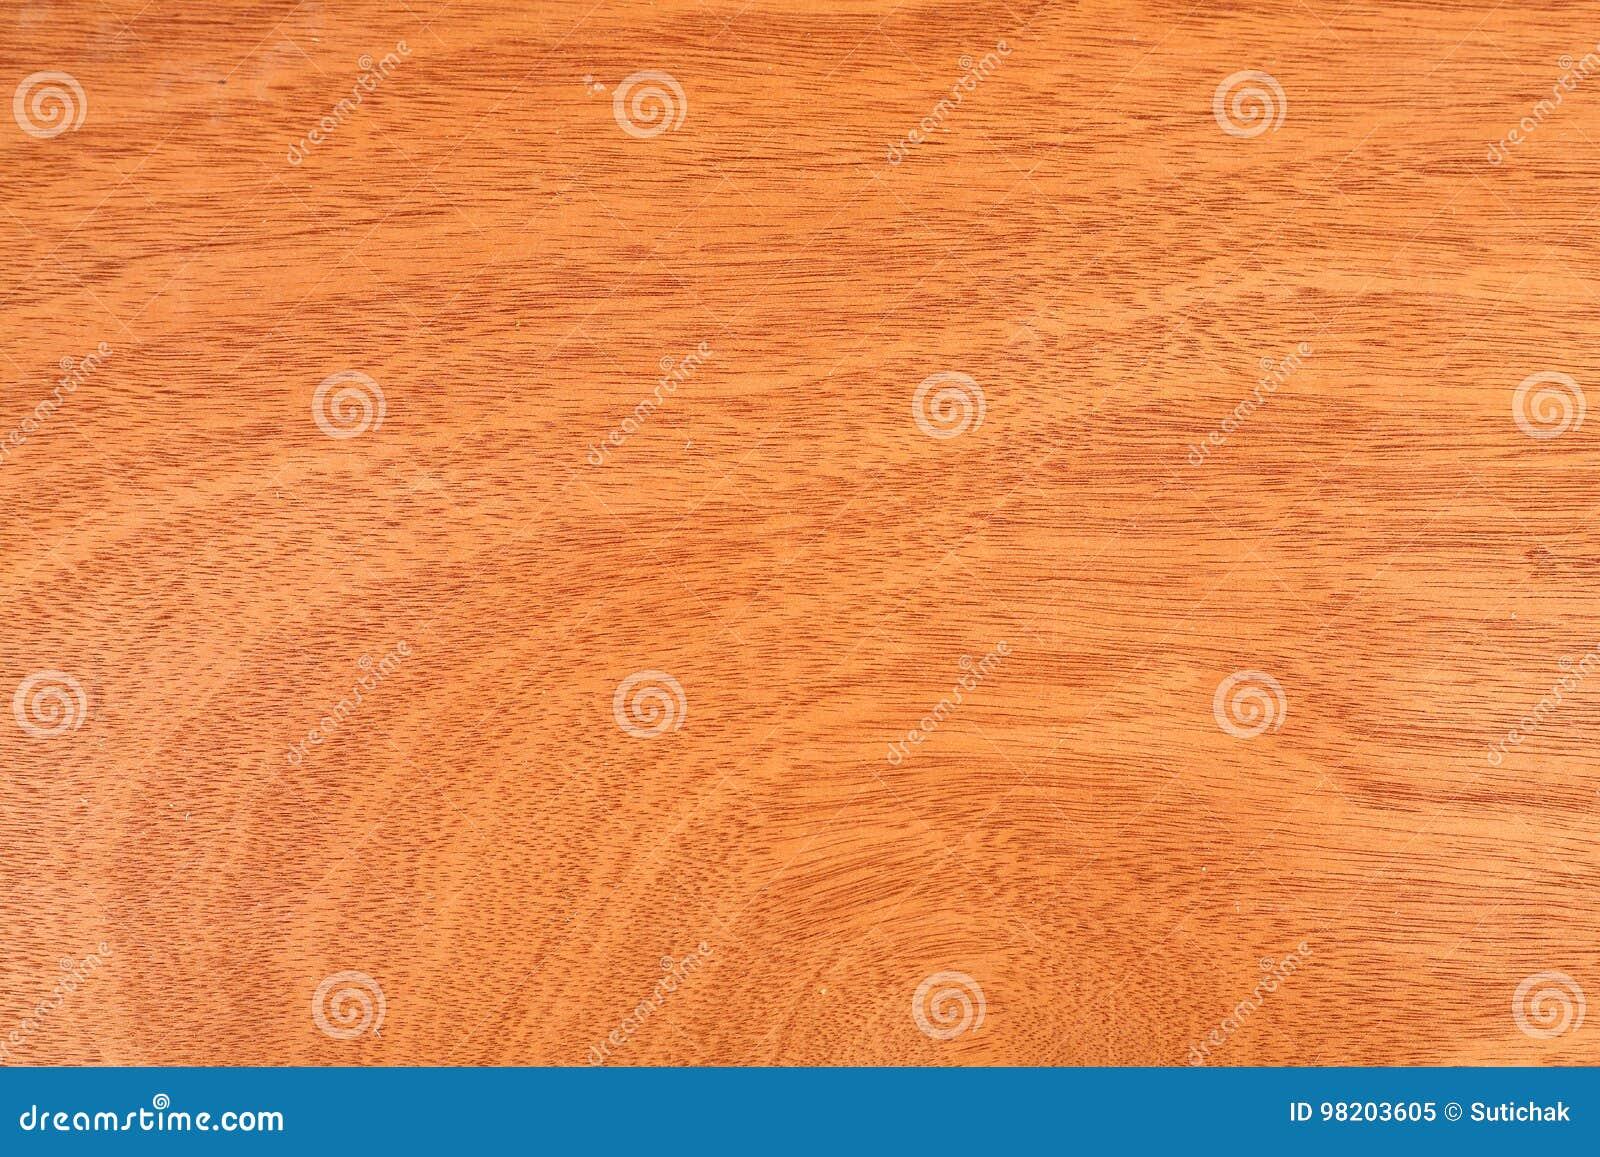 Textuur van het vernisje de houten paneel, de bruine raad van triplex houten formica